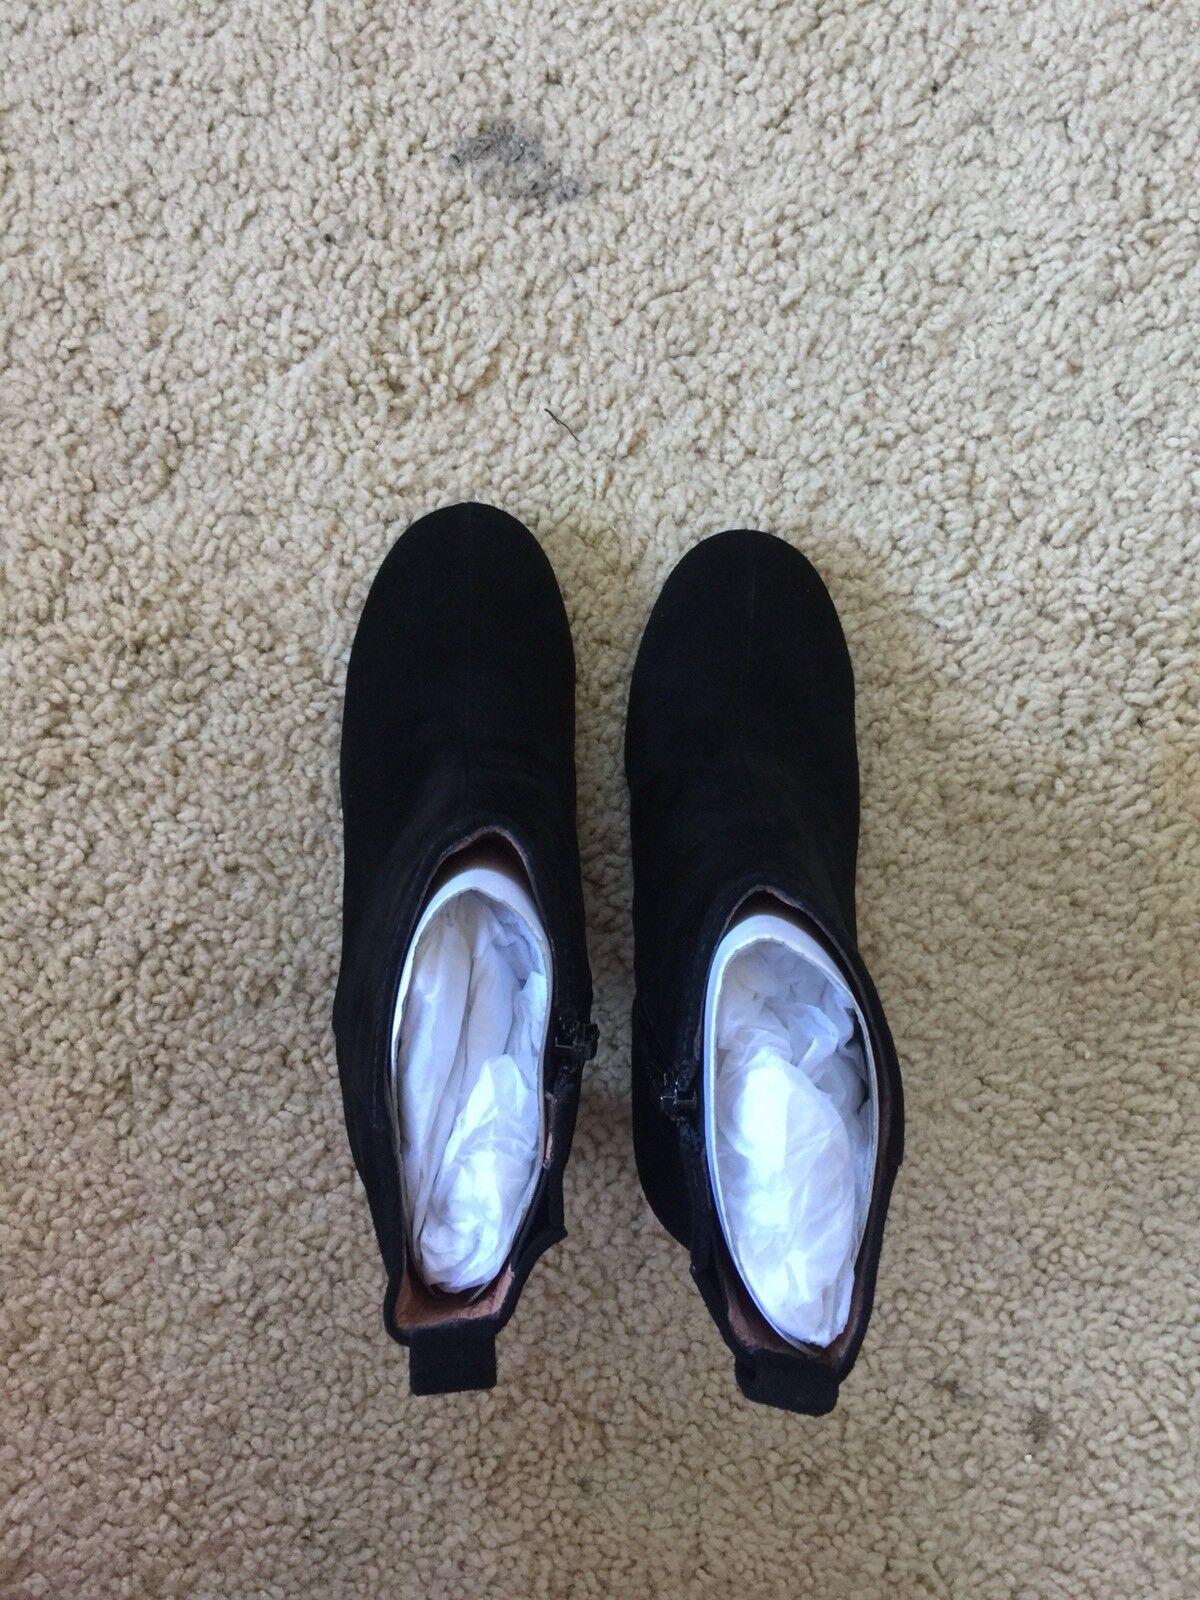 Jeffrey Campbell women's black velvet suede Chapel Curved Heel Bootie sz 8.5170